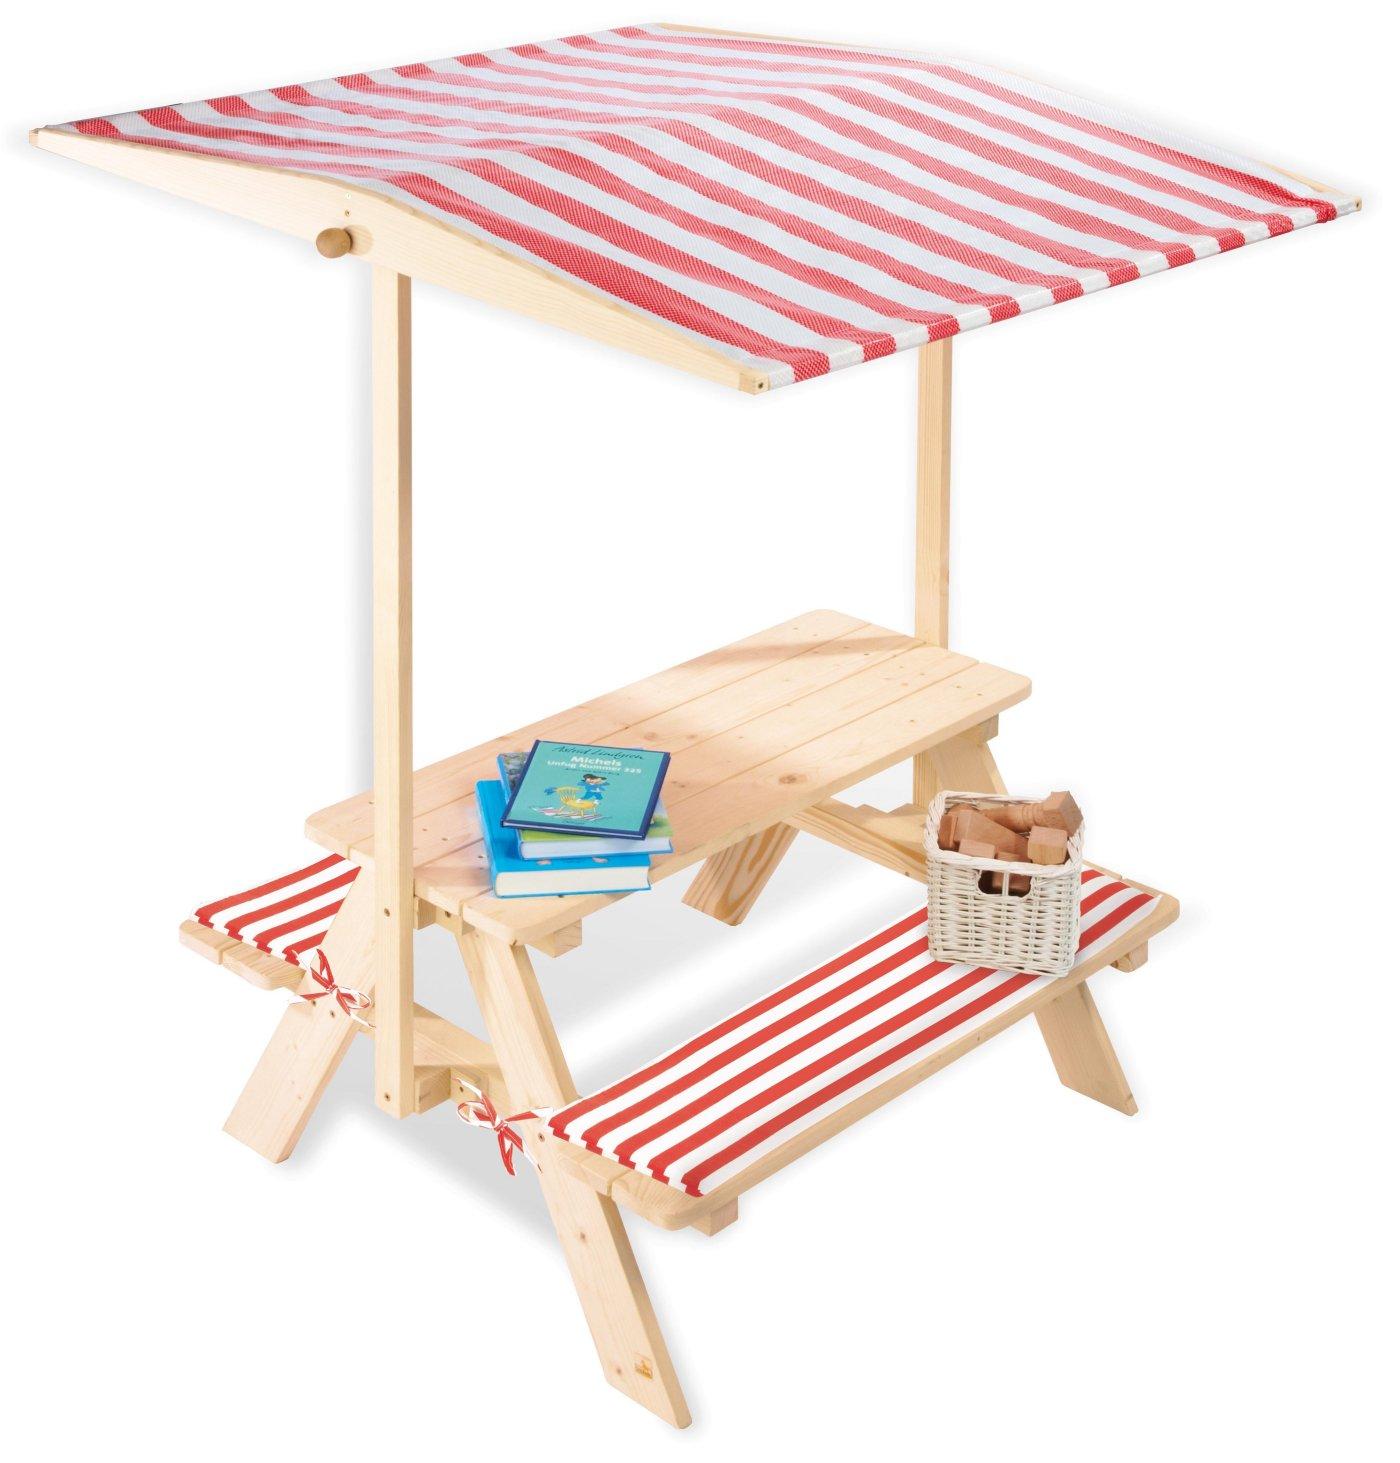 Gartenmobel Palette Diy :  KinderGartenbank (FichteMassivholz) mit Stoffdach als Sonnenschutz